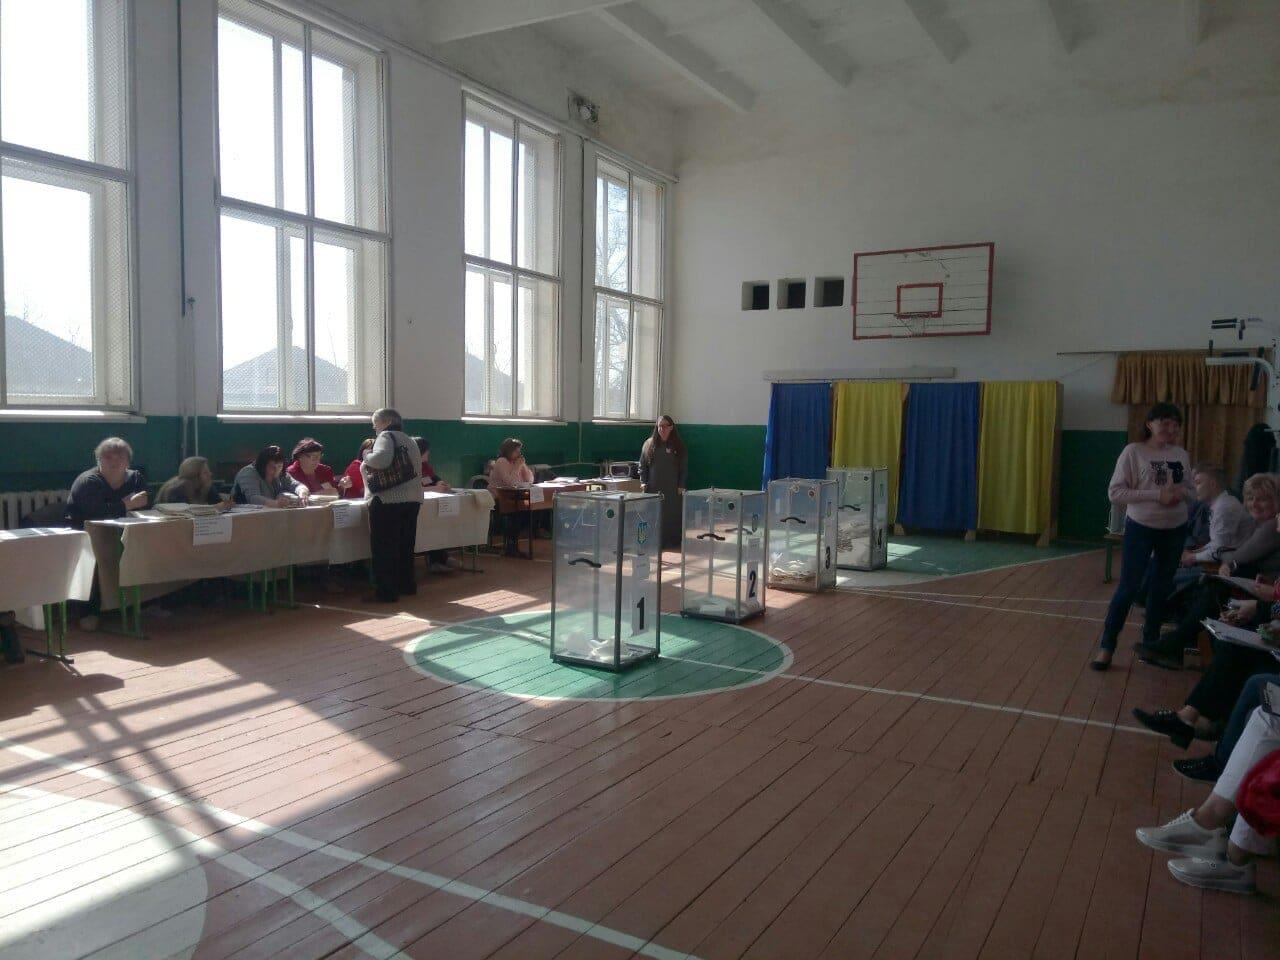 Як відбувається голосування у селі Ракошино на Мукачівщині